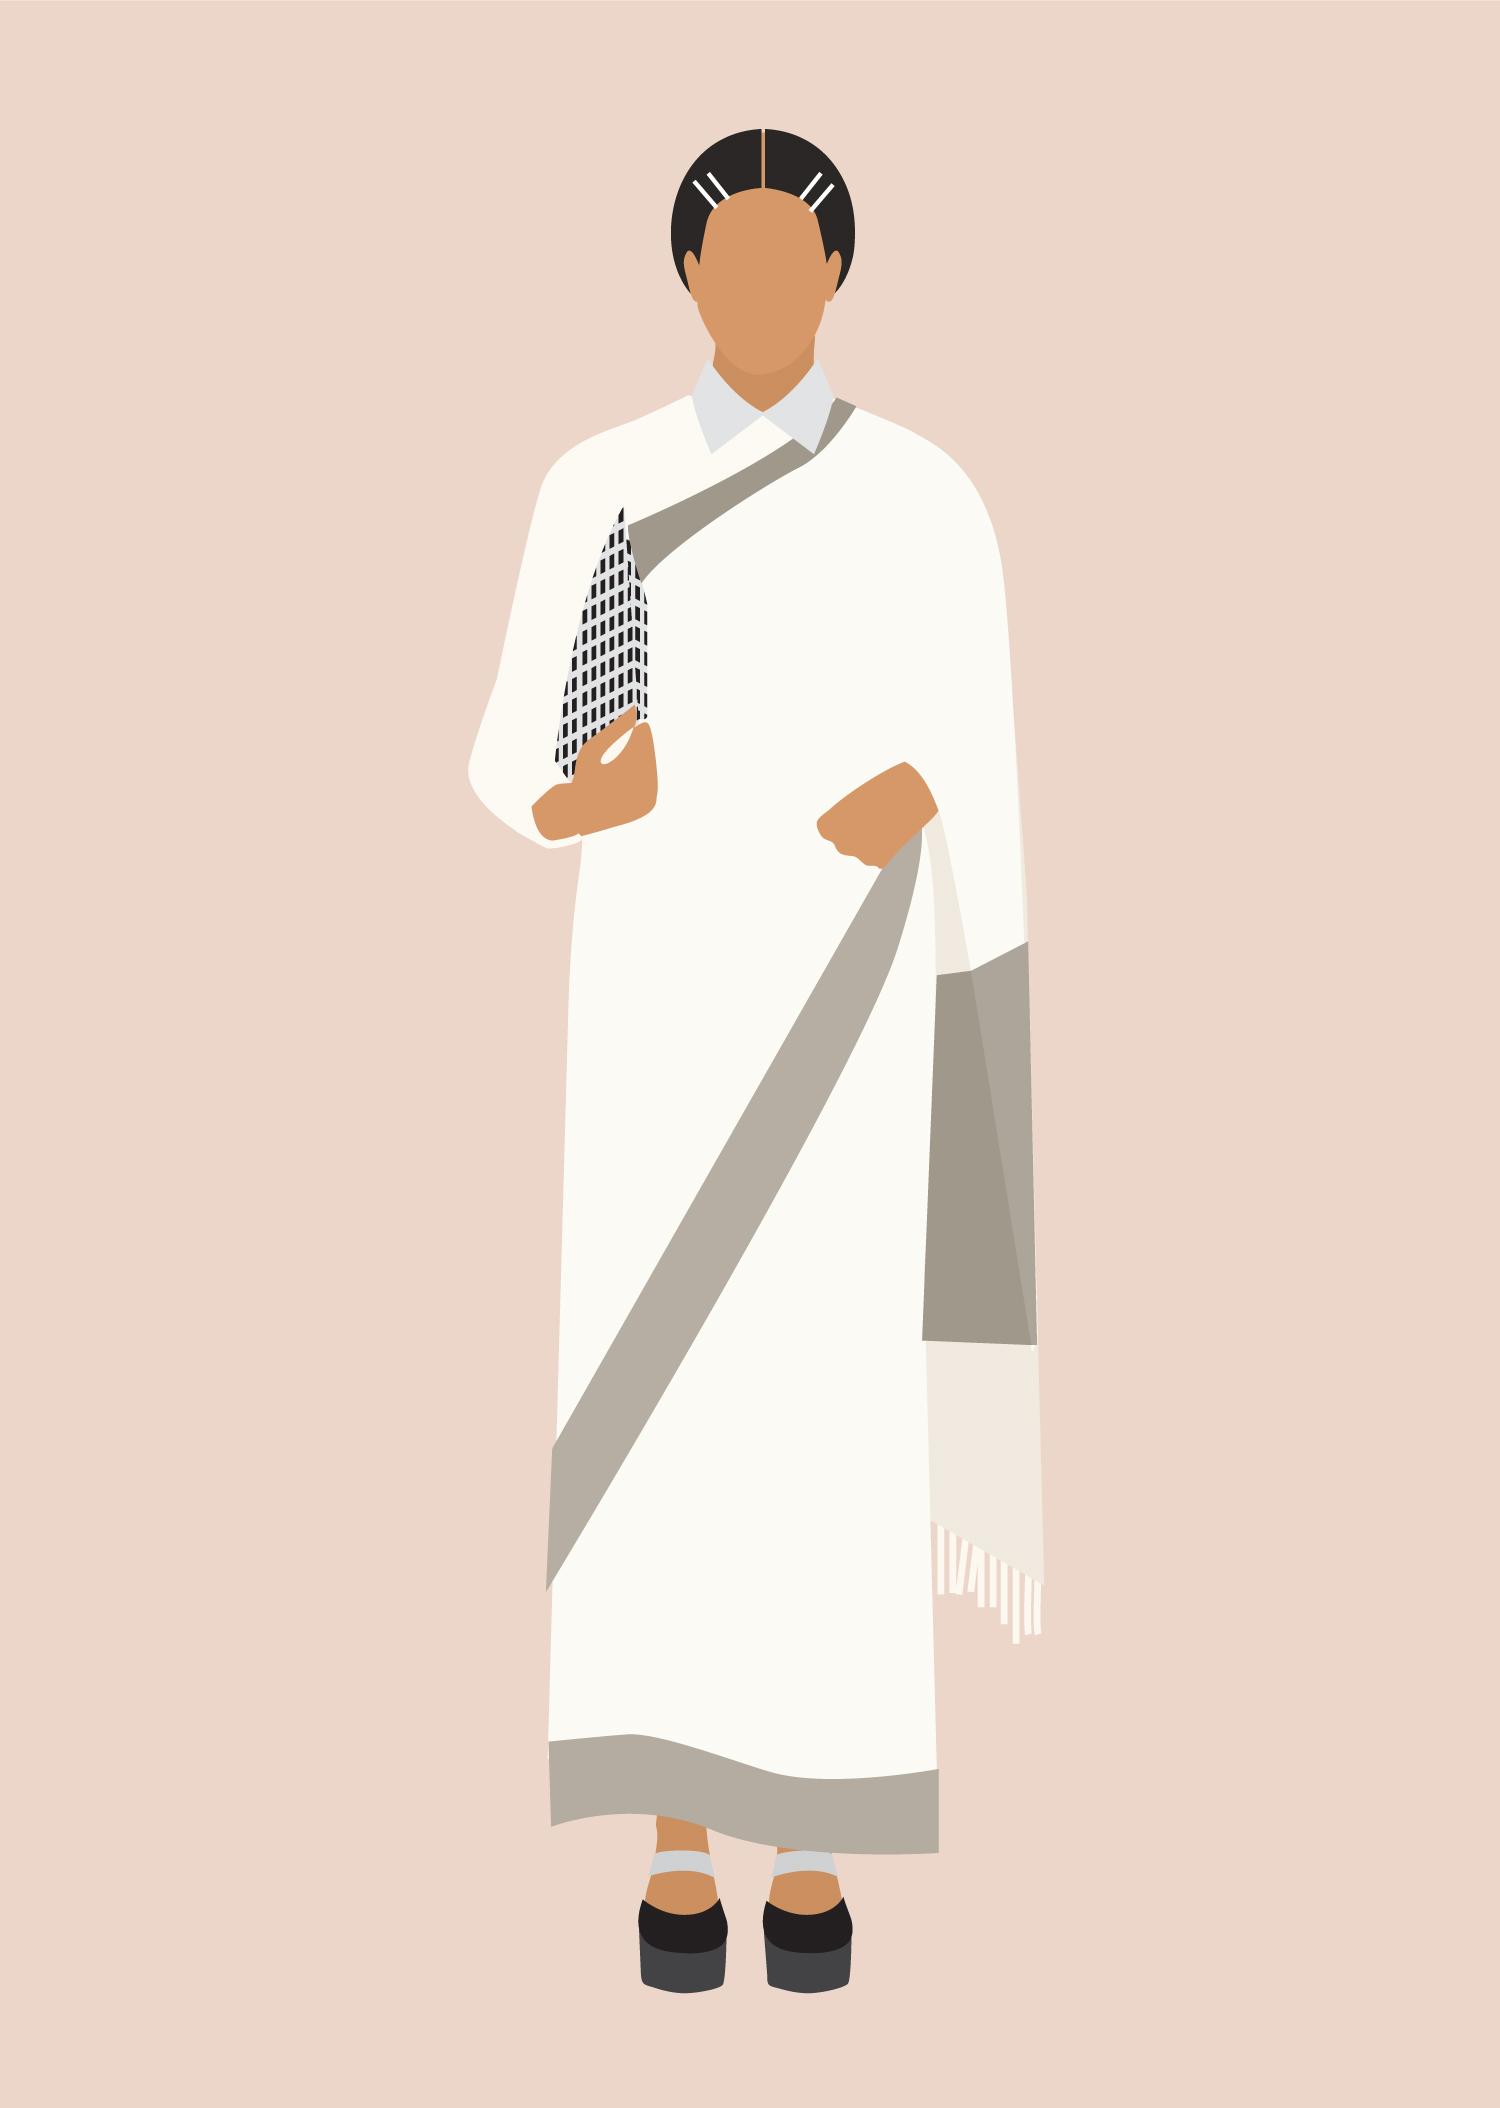 bound-shweta-malhotra-fashion-5.jpg